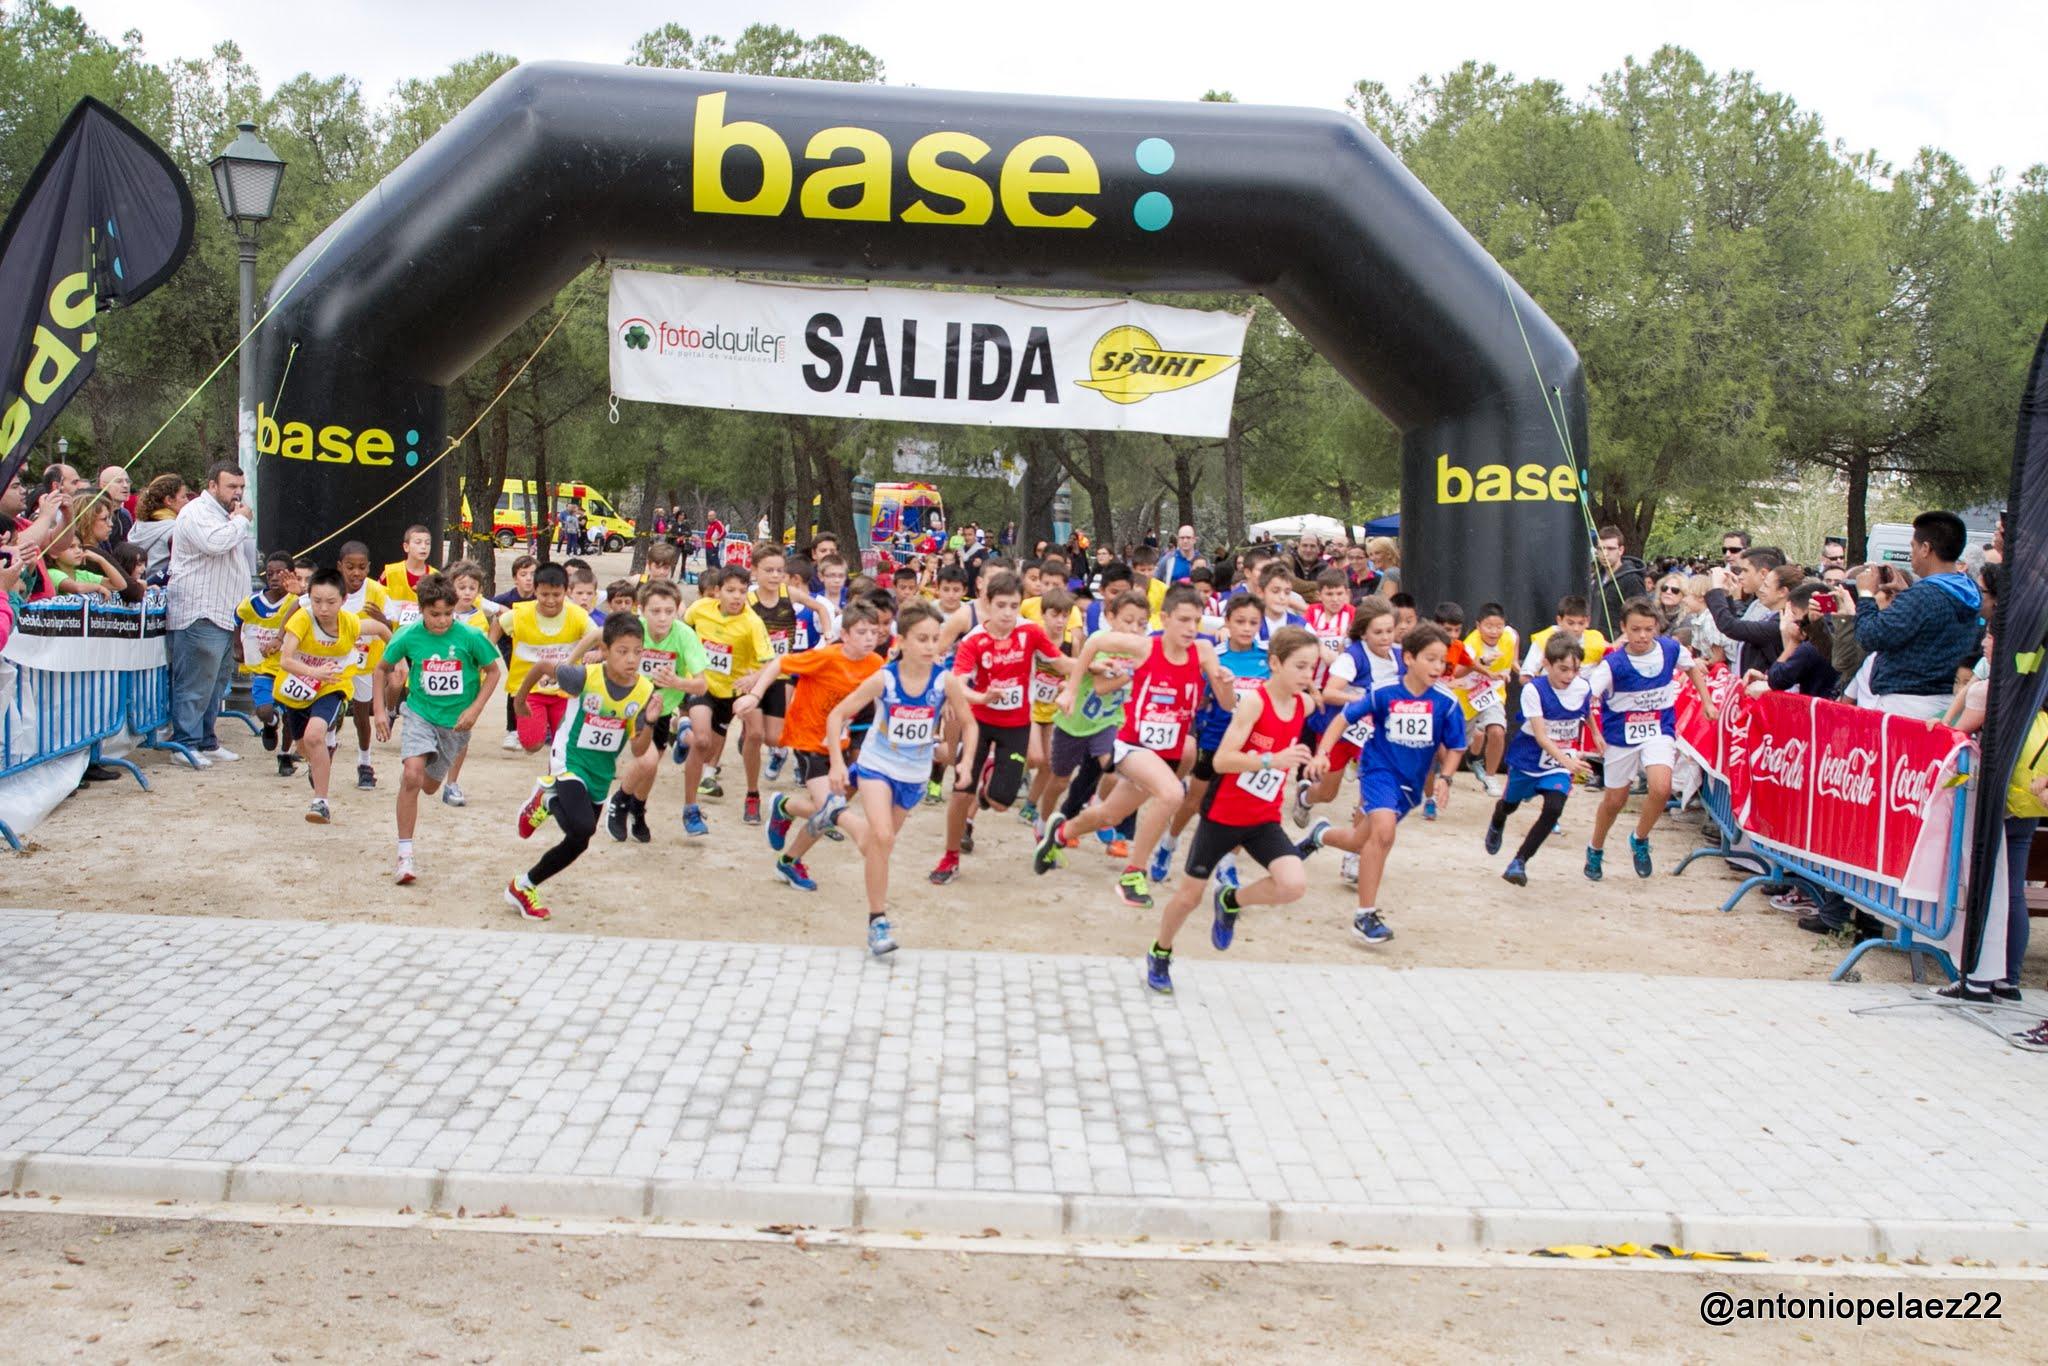 Clasificaciones y fotos del XXV Cross Popular Trofeo Fiestas Barrio Del Pilar 2015